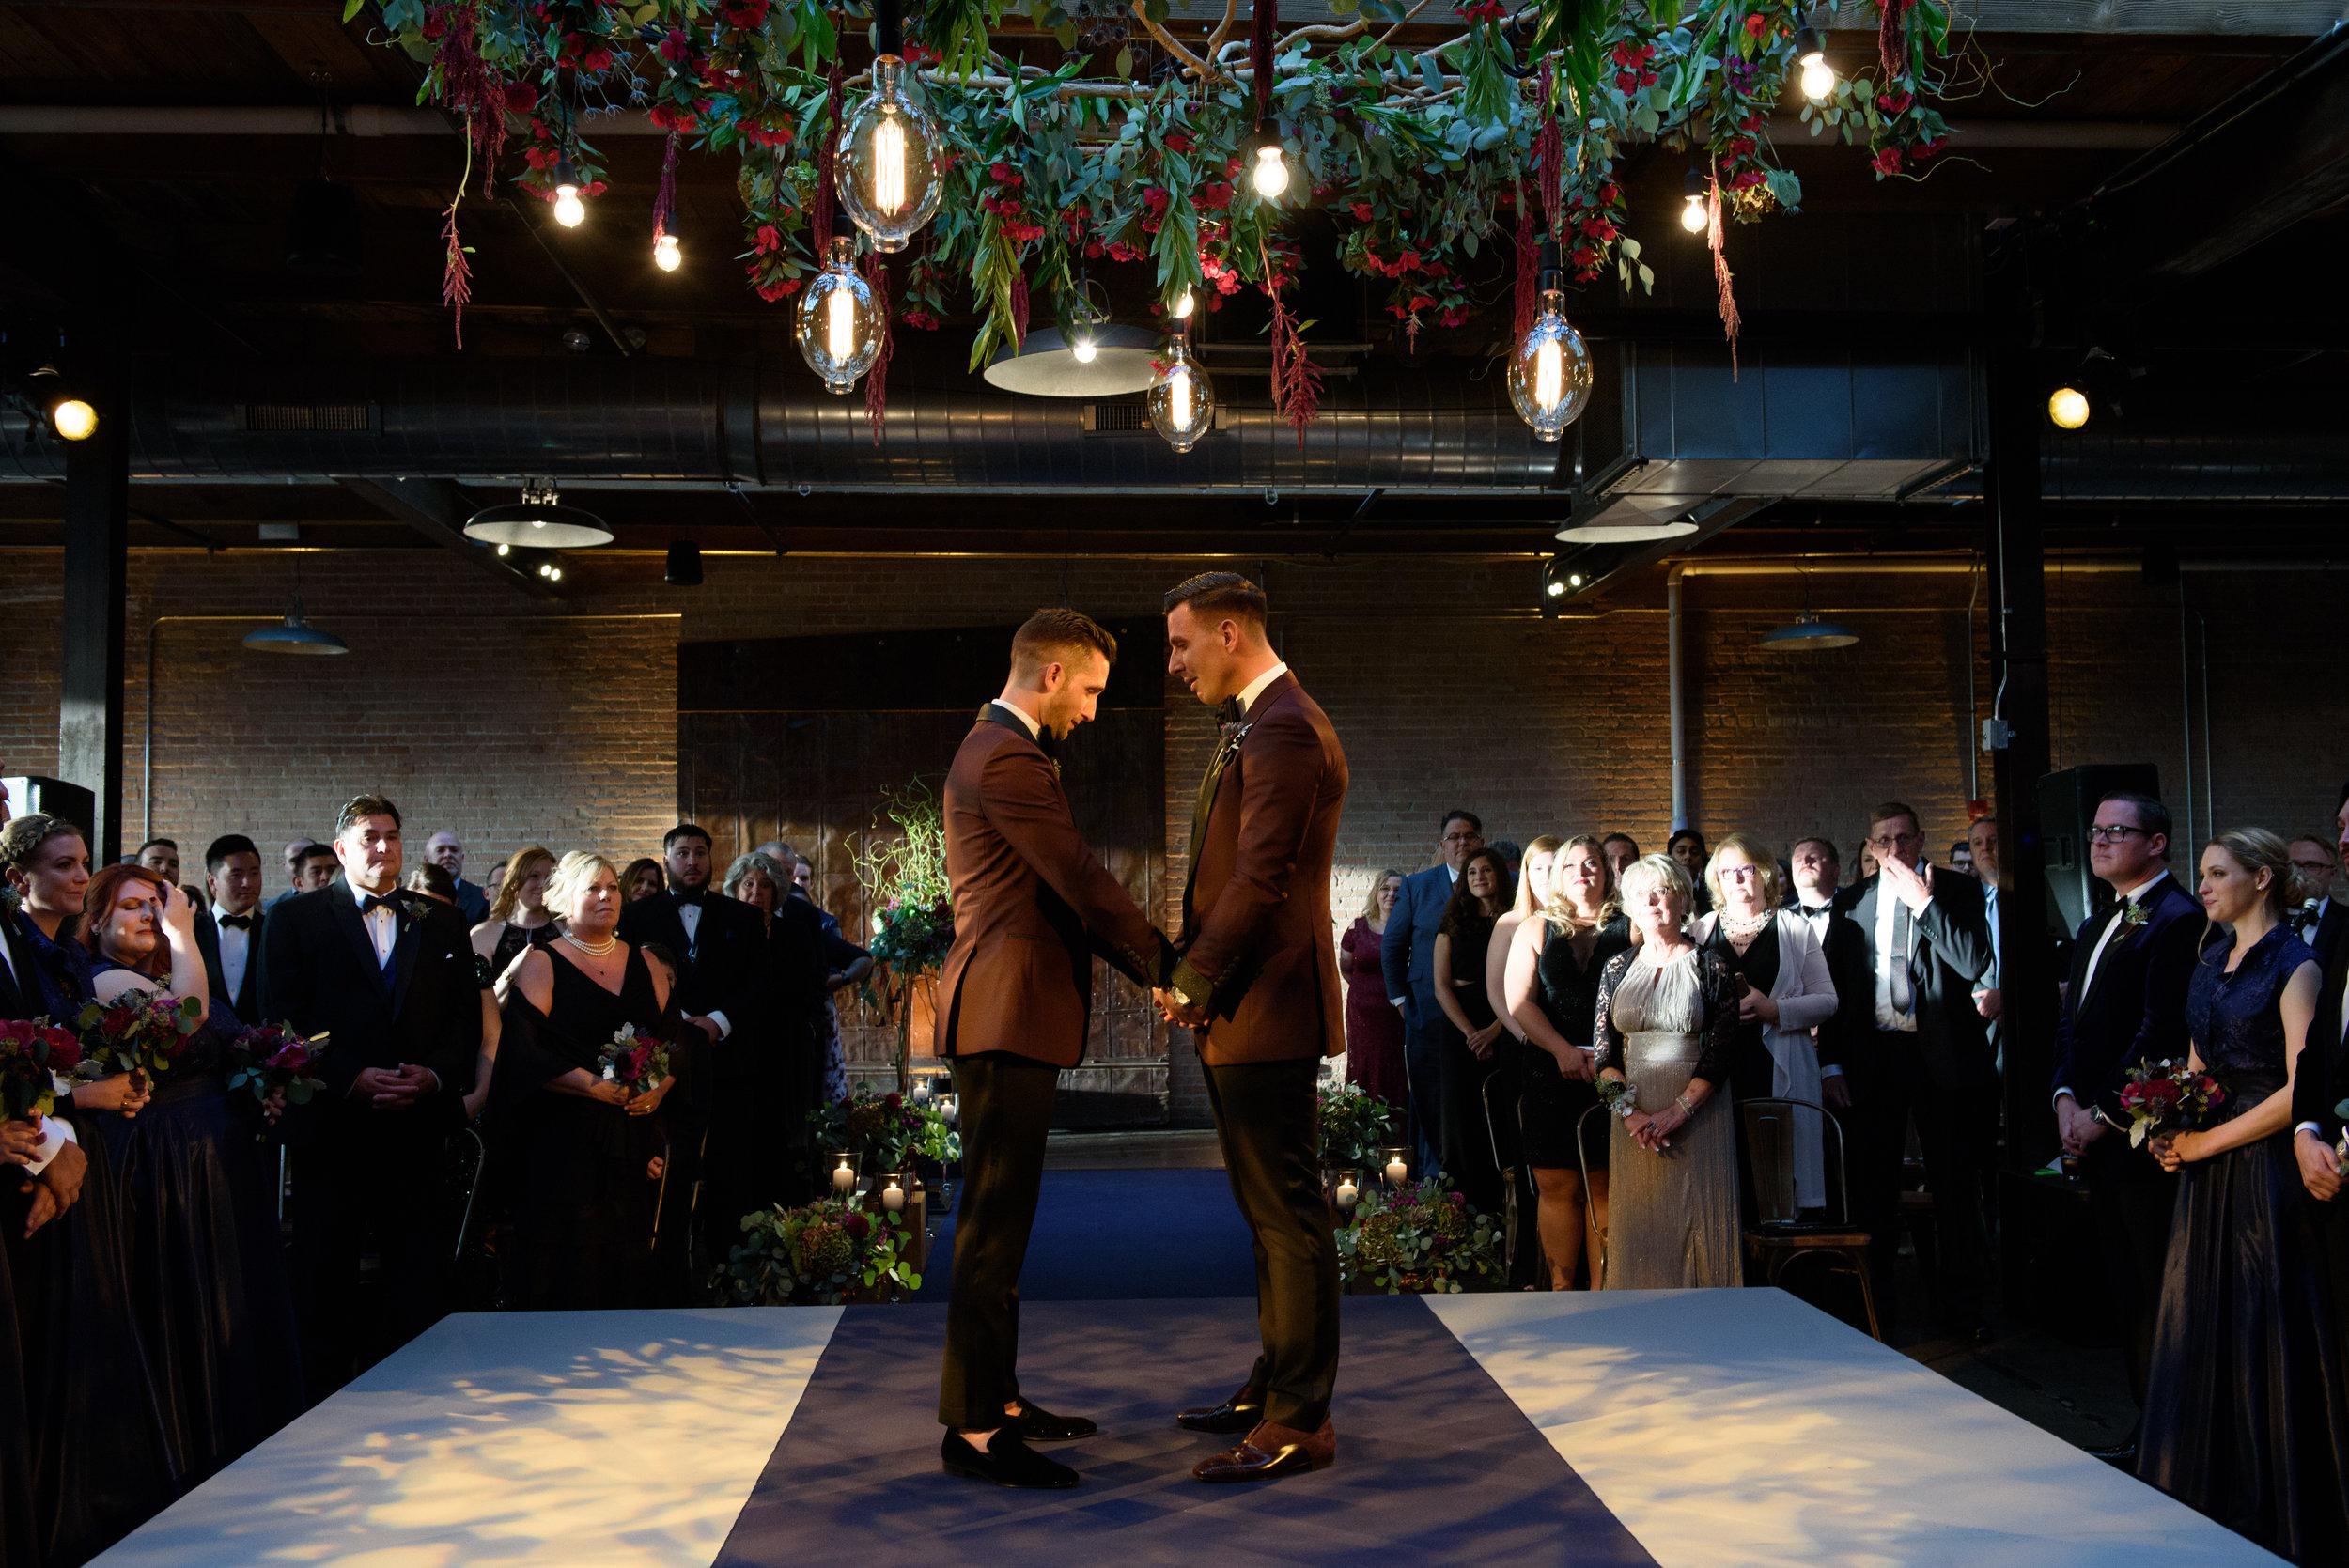 Jason-Chase-wedding-nakai-photography-0458.JPG